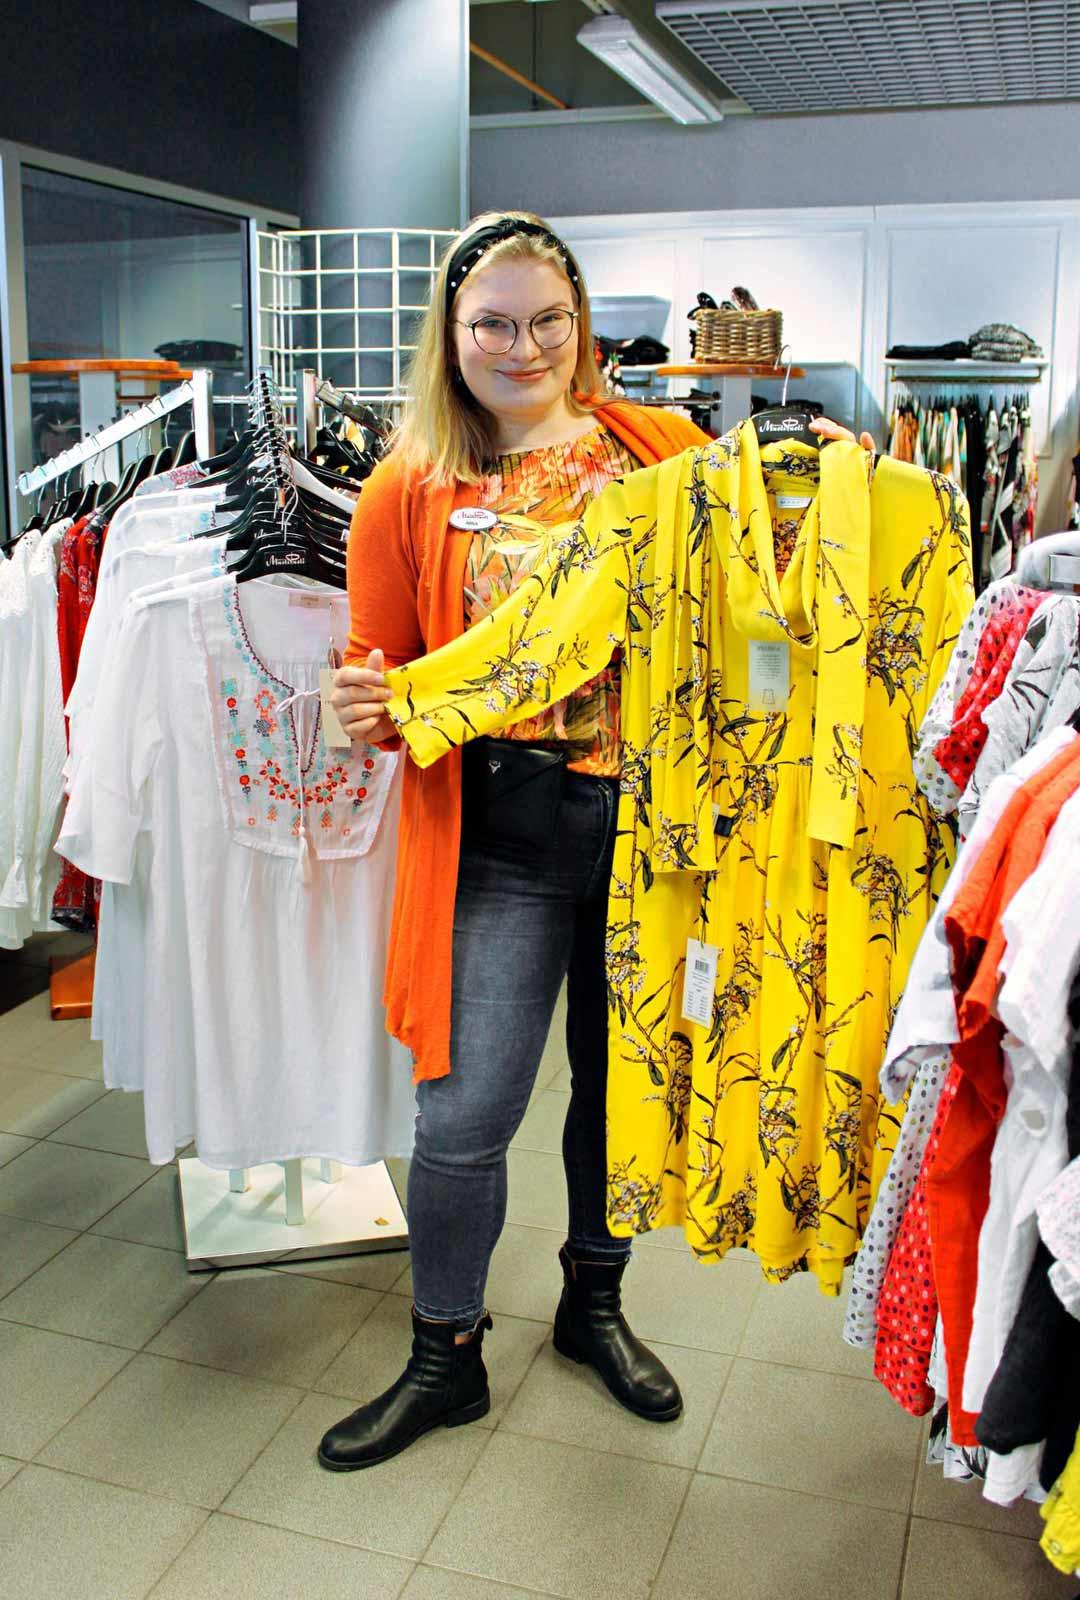 Jo neljättä kesää Tarjan Muotipuodissa työskentelevä Nina Lyytikäinen on tuttu näky myös liikkeen muotinäytöksissä. Tämän hetken ehdoton suosikkiväri on keltainen.